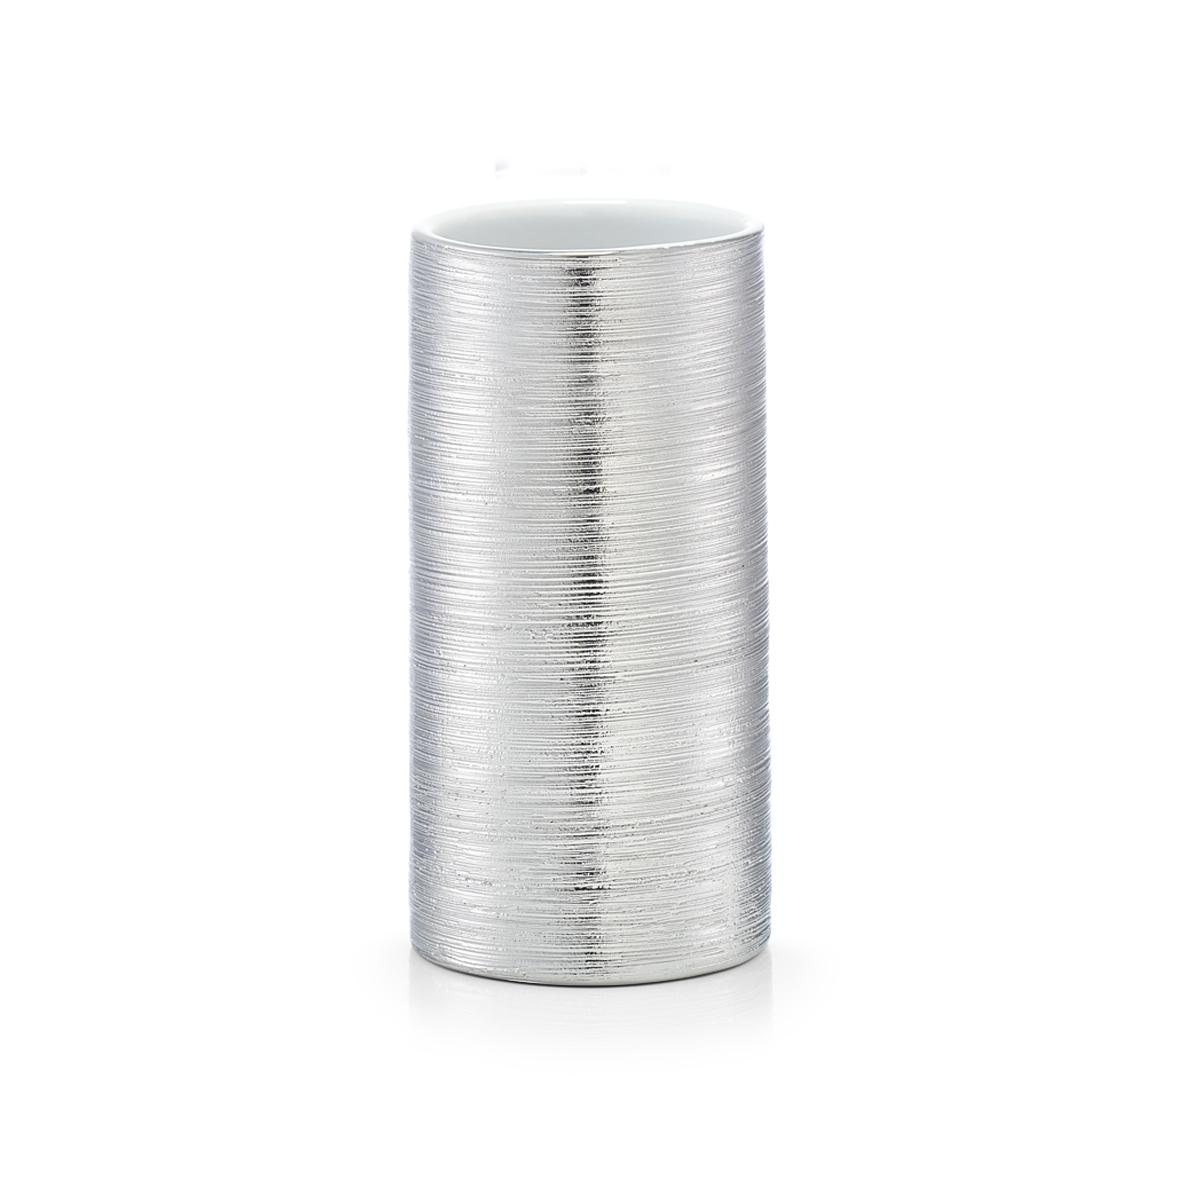 Pahar pentru periuta din ceramica, Brushed Silver, Ø 7xH13,5 cm imagine